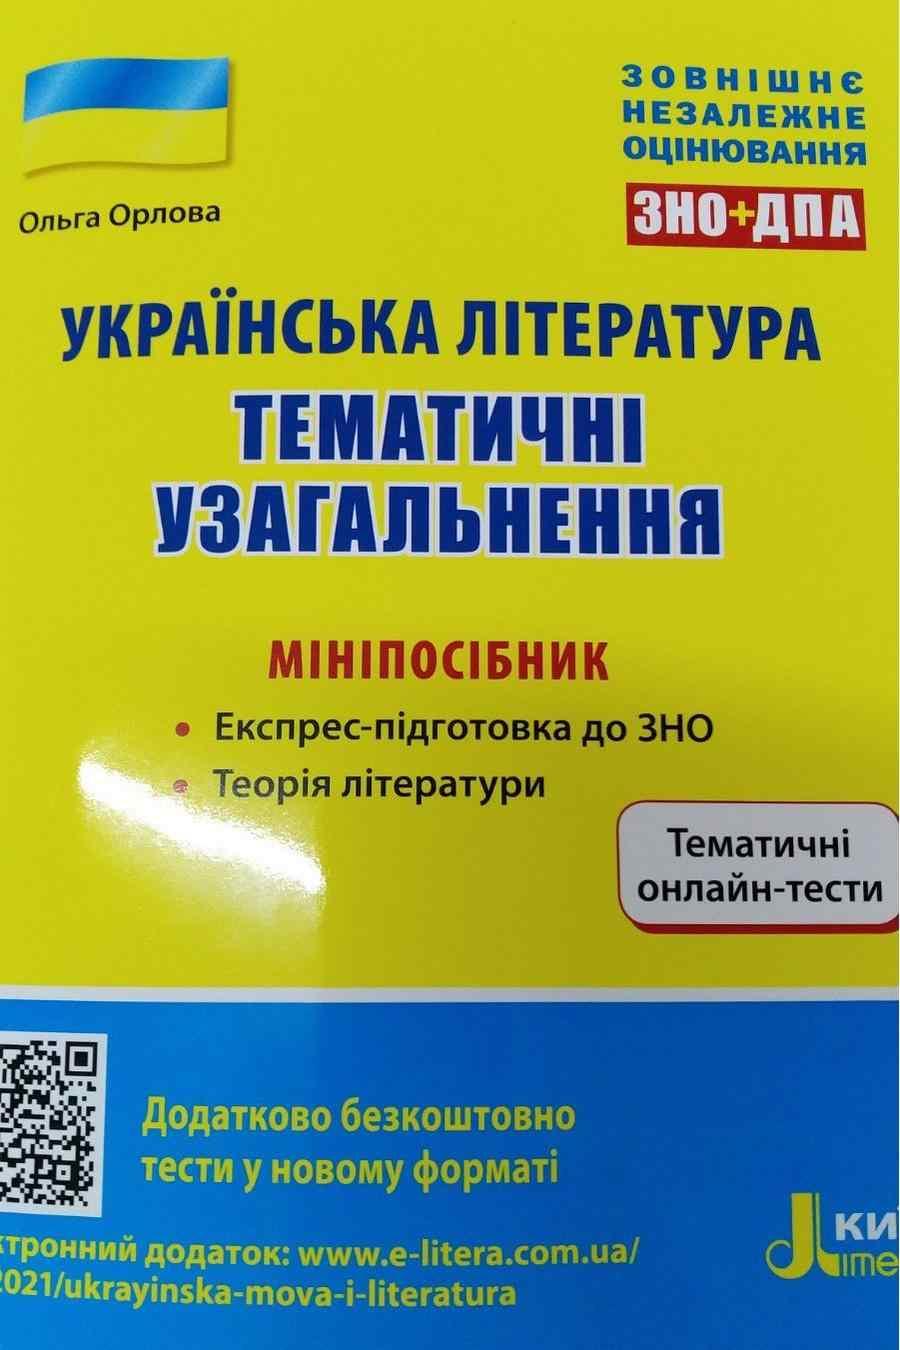 ЗНО 2021 Українська література Тематичні узагальнення Мініпосібник Орлова О. Літера